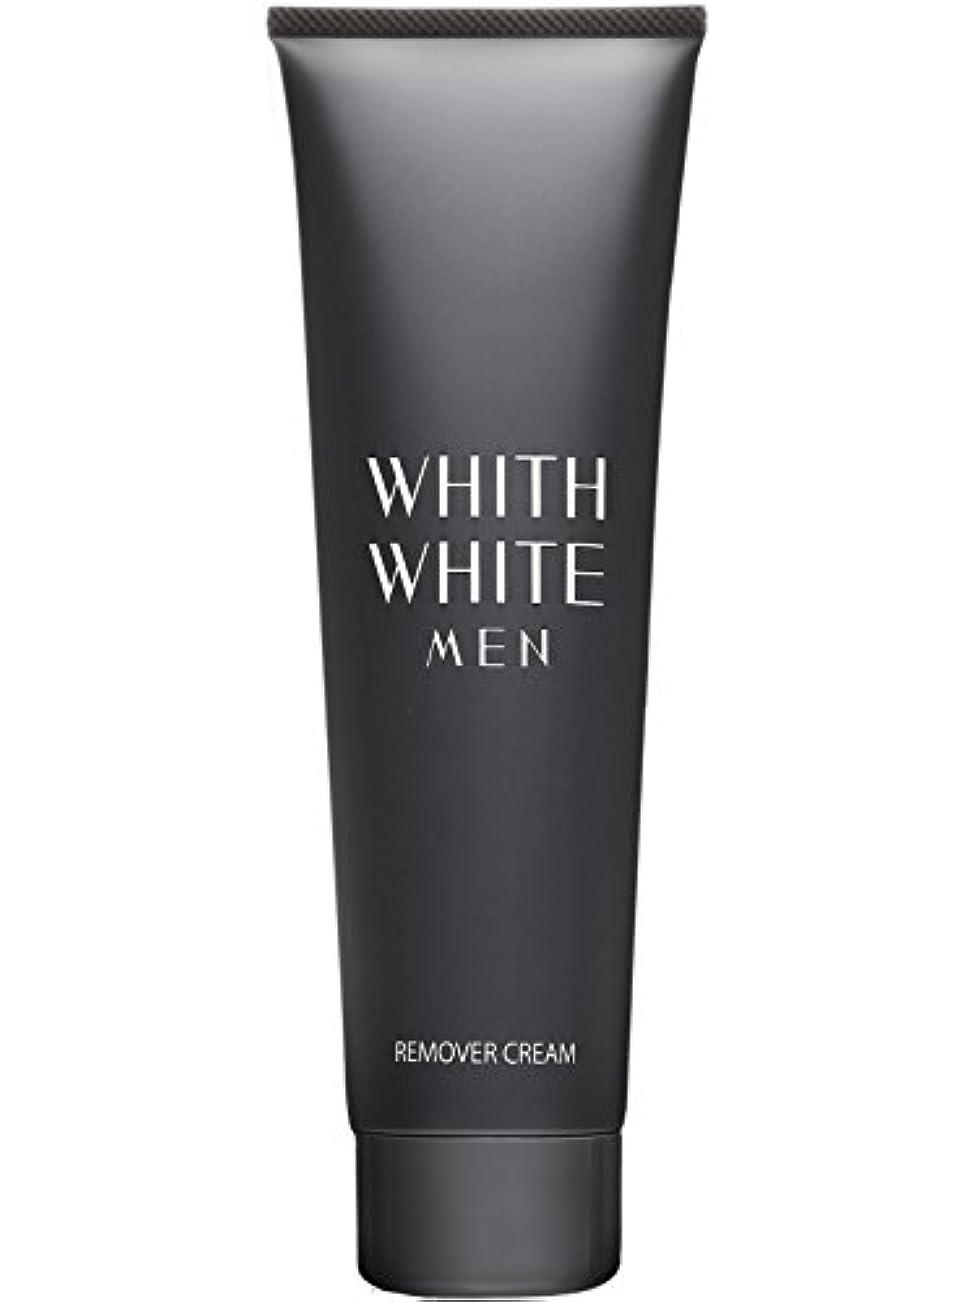 本会議ポータブルスカウト医薬部外品 フィス ホワイト メンズ 除毛クリーム リムーバークリーム 陰部 使用可能 210g